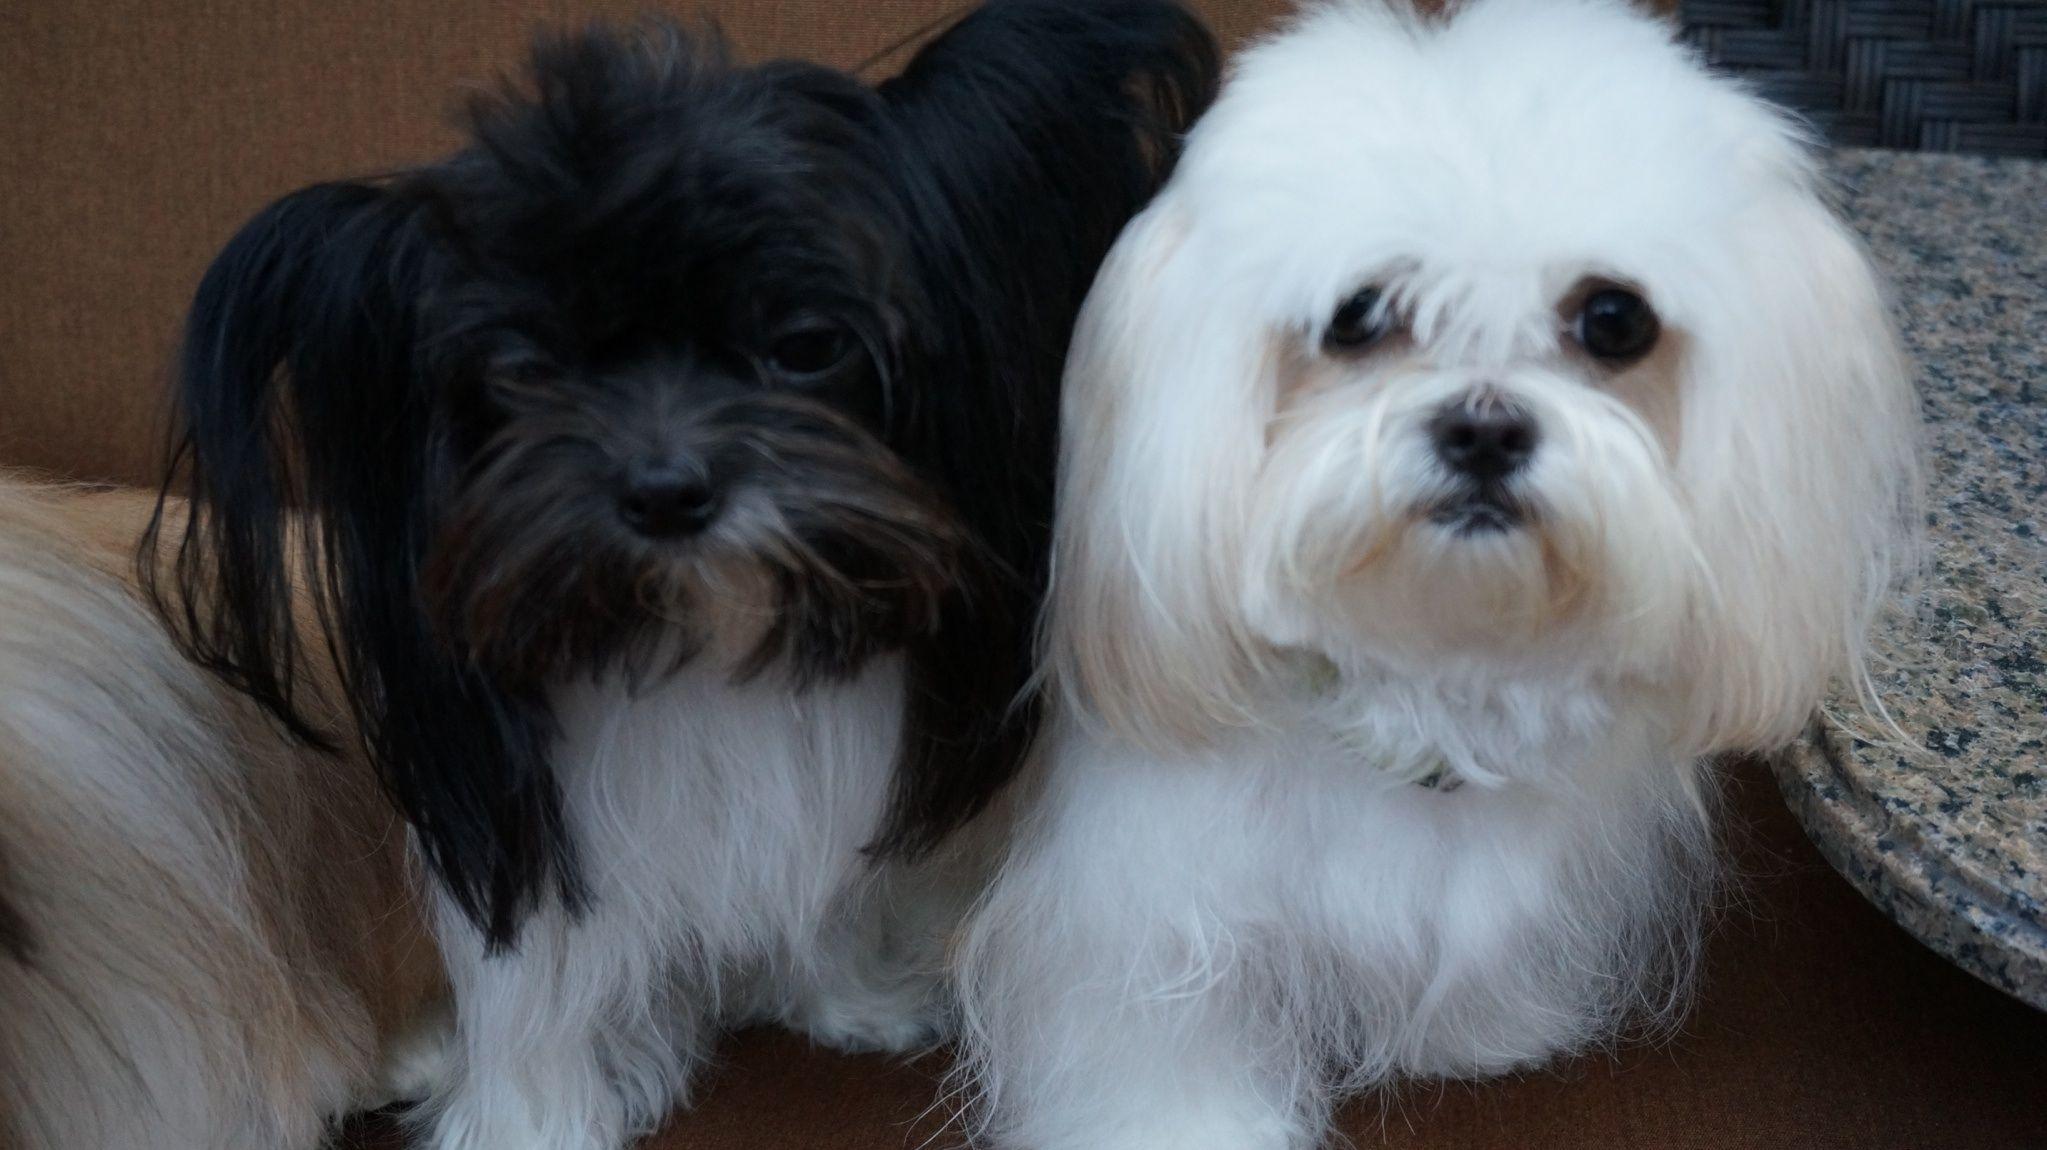 La di da di dee... 2 mommies Maltese dogs, Rare breed